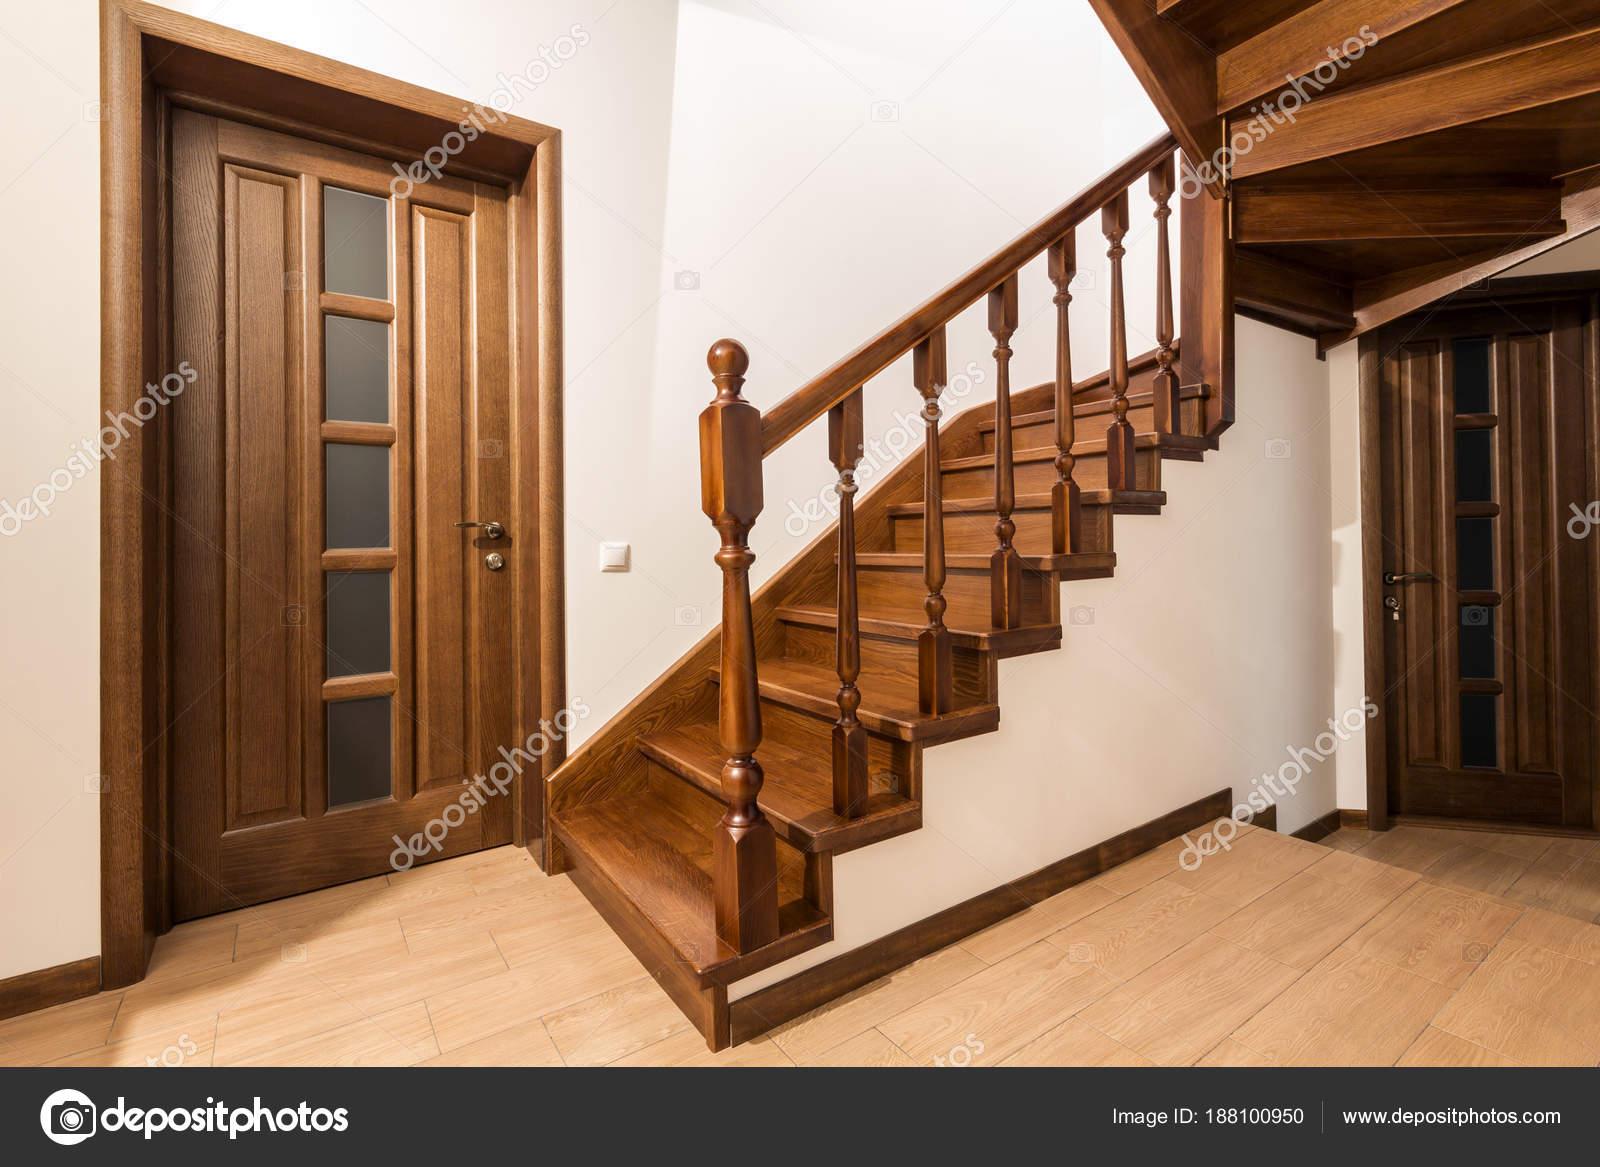 Porte In Legno Moderne : Scale di legno di rovere marrone moderne e porte in nuova casa